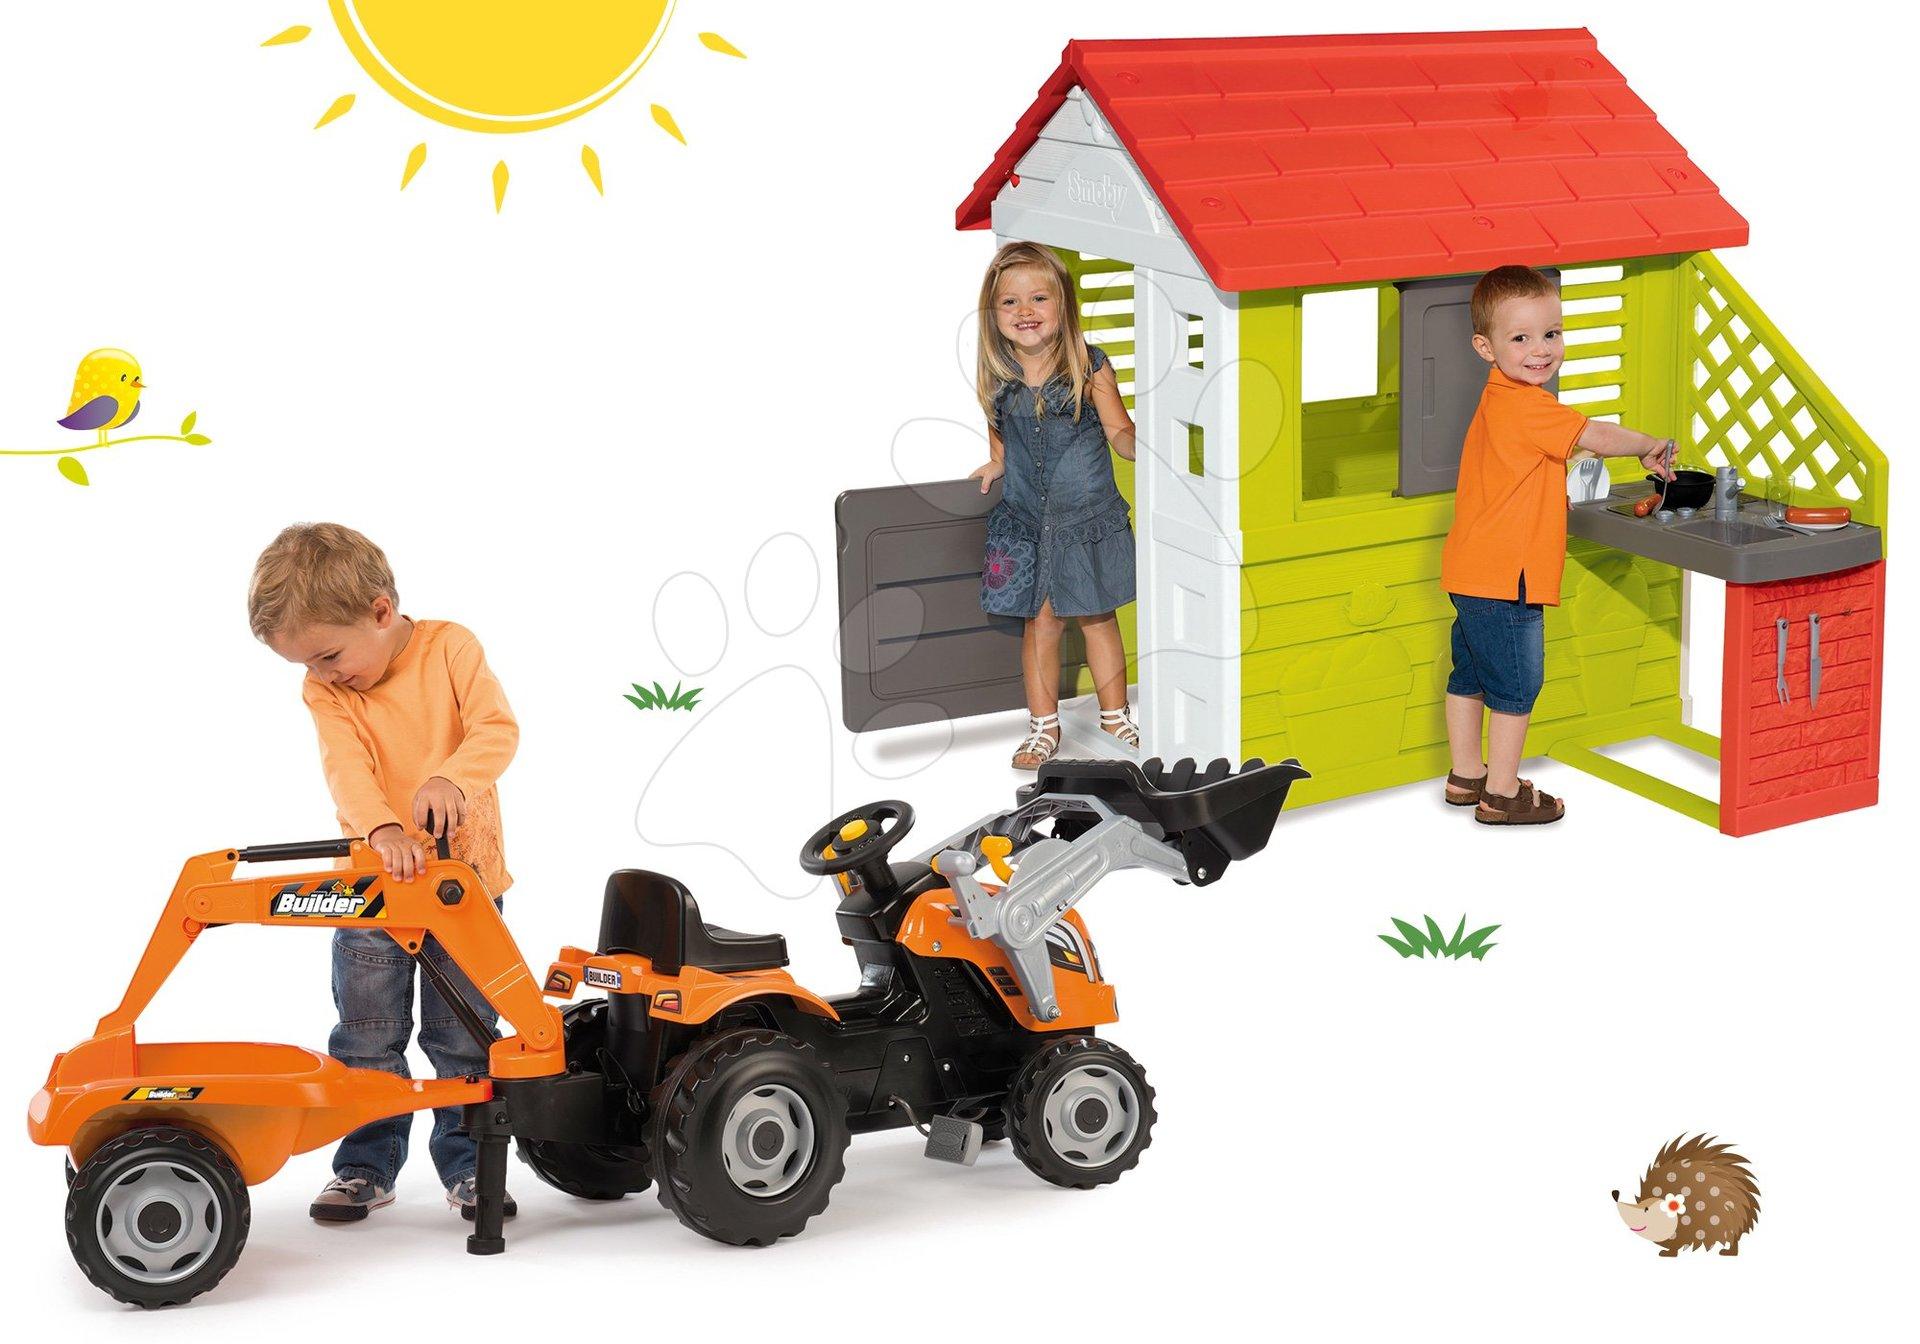 Set domeček Pretty Nature s letní kuchyňkou Smoby a traktor na šlapání Builder Max Stavbař od 24 měsíců